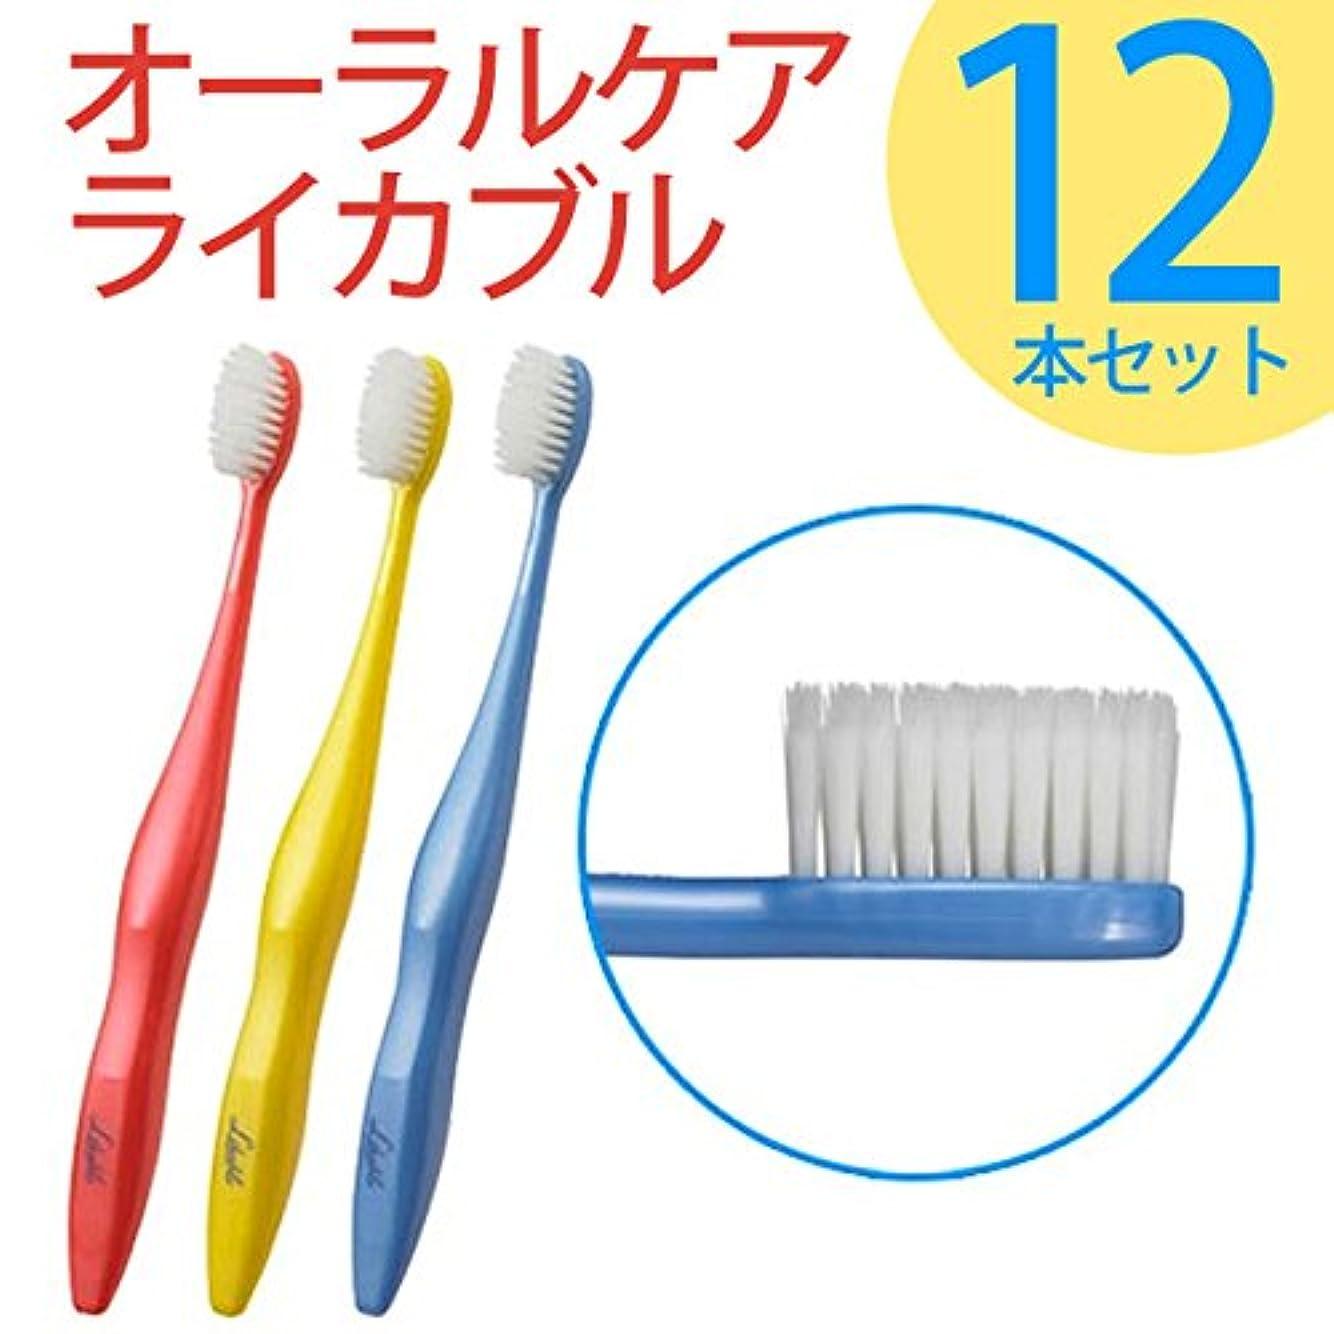 かりて悪行気味の悪いライカブル ライカブル メンテナンス用 歯ブラシ 12本セット